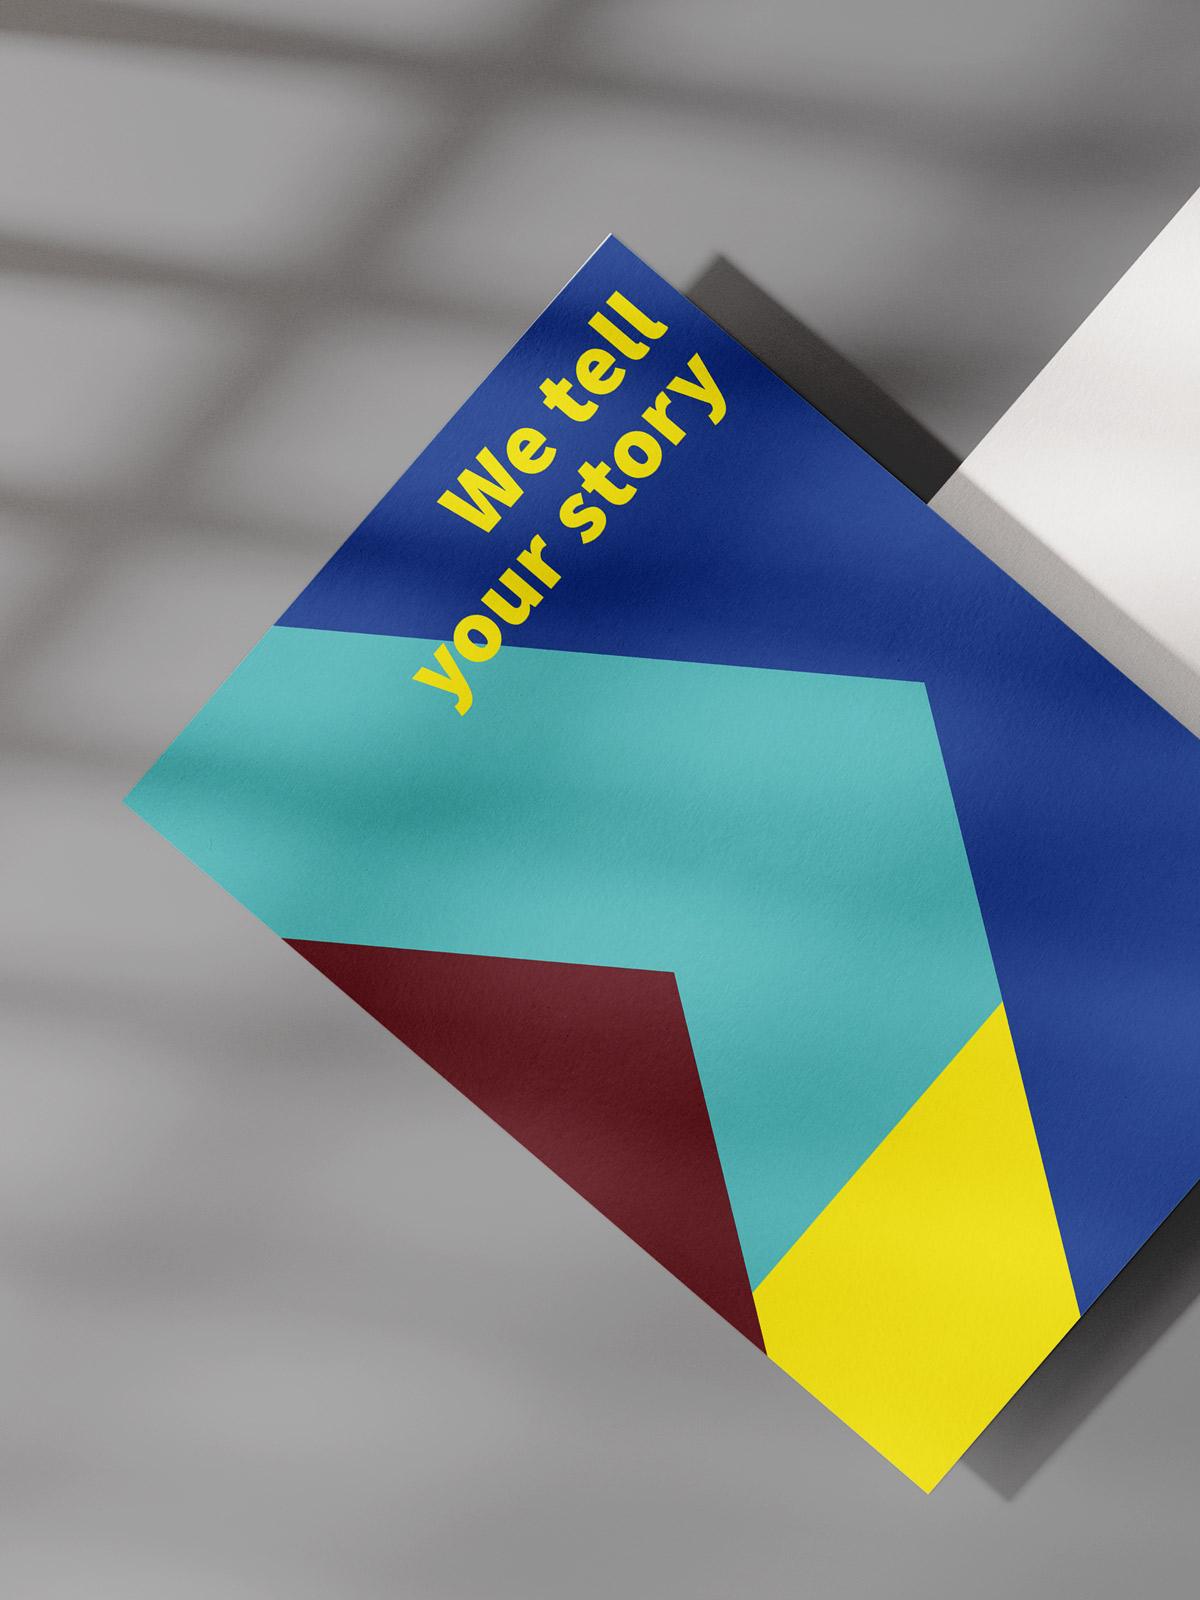 I Like Visuals Postkarte auf grauer Fläche gelber Text